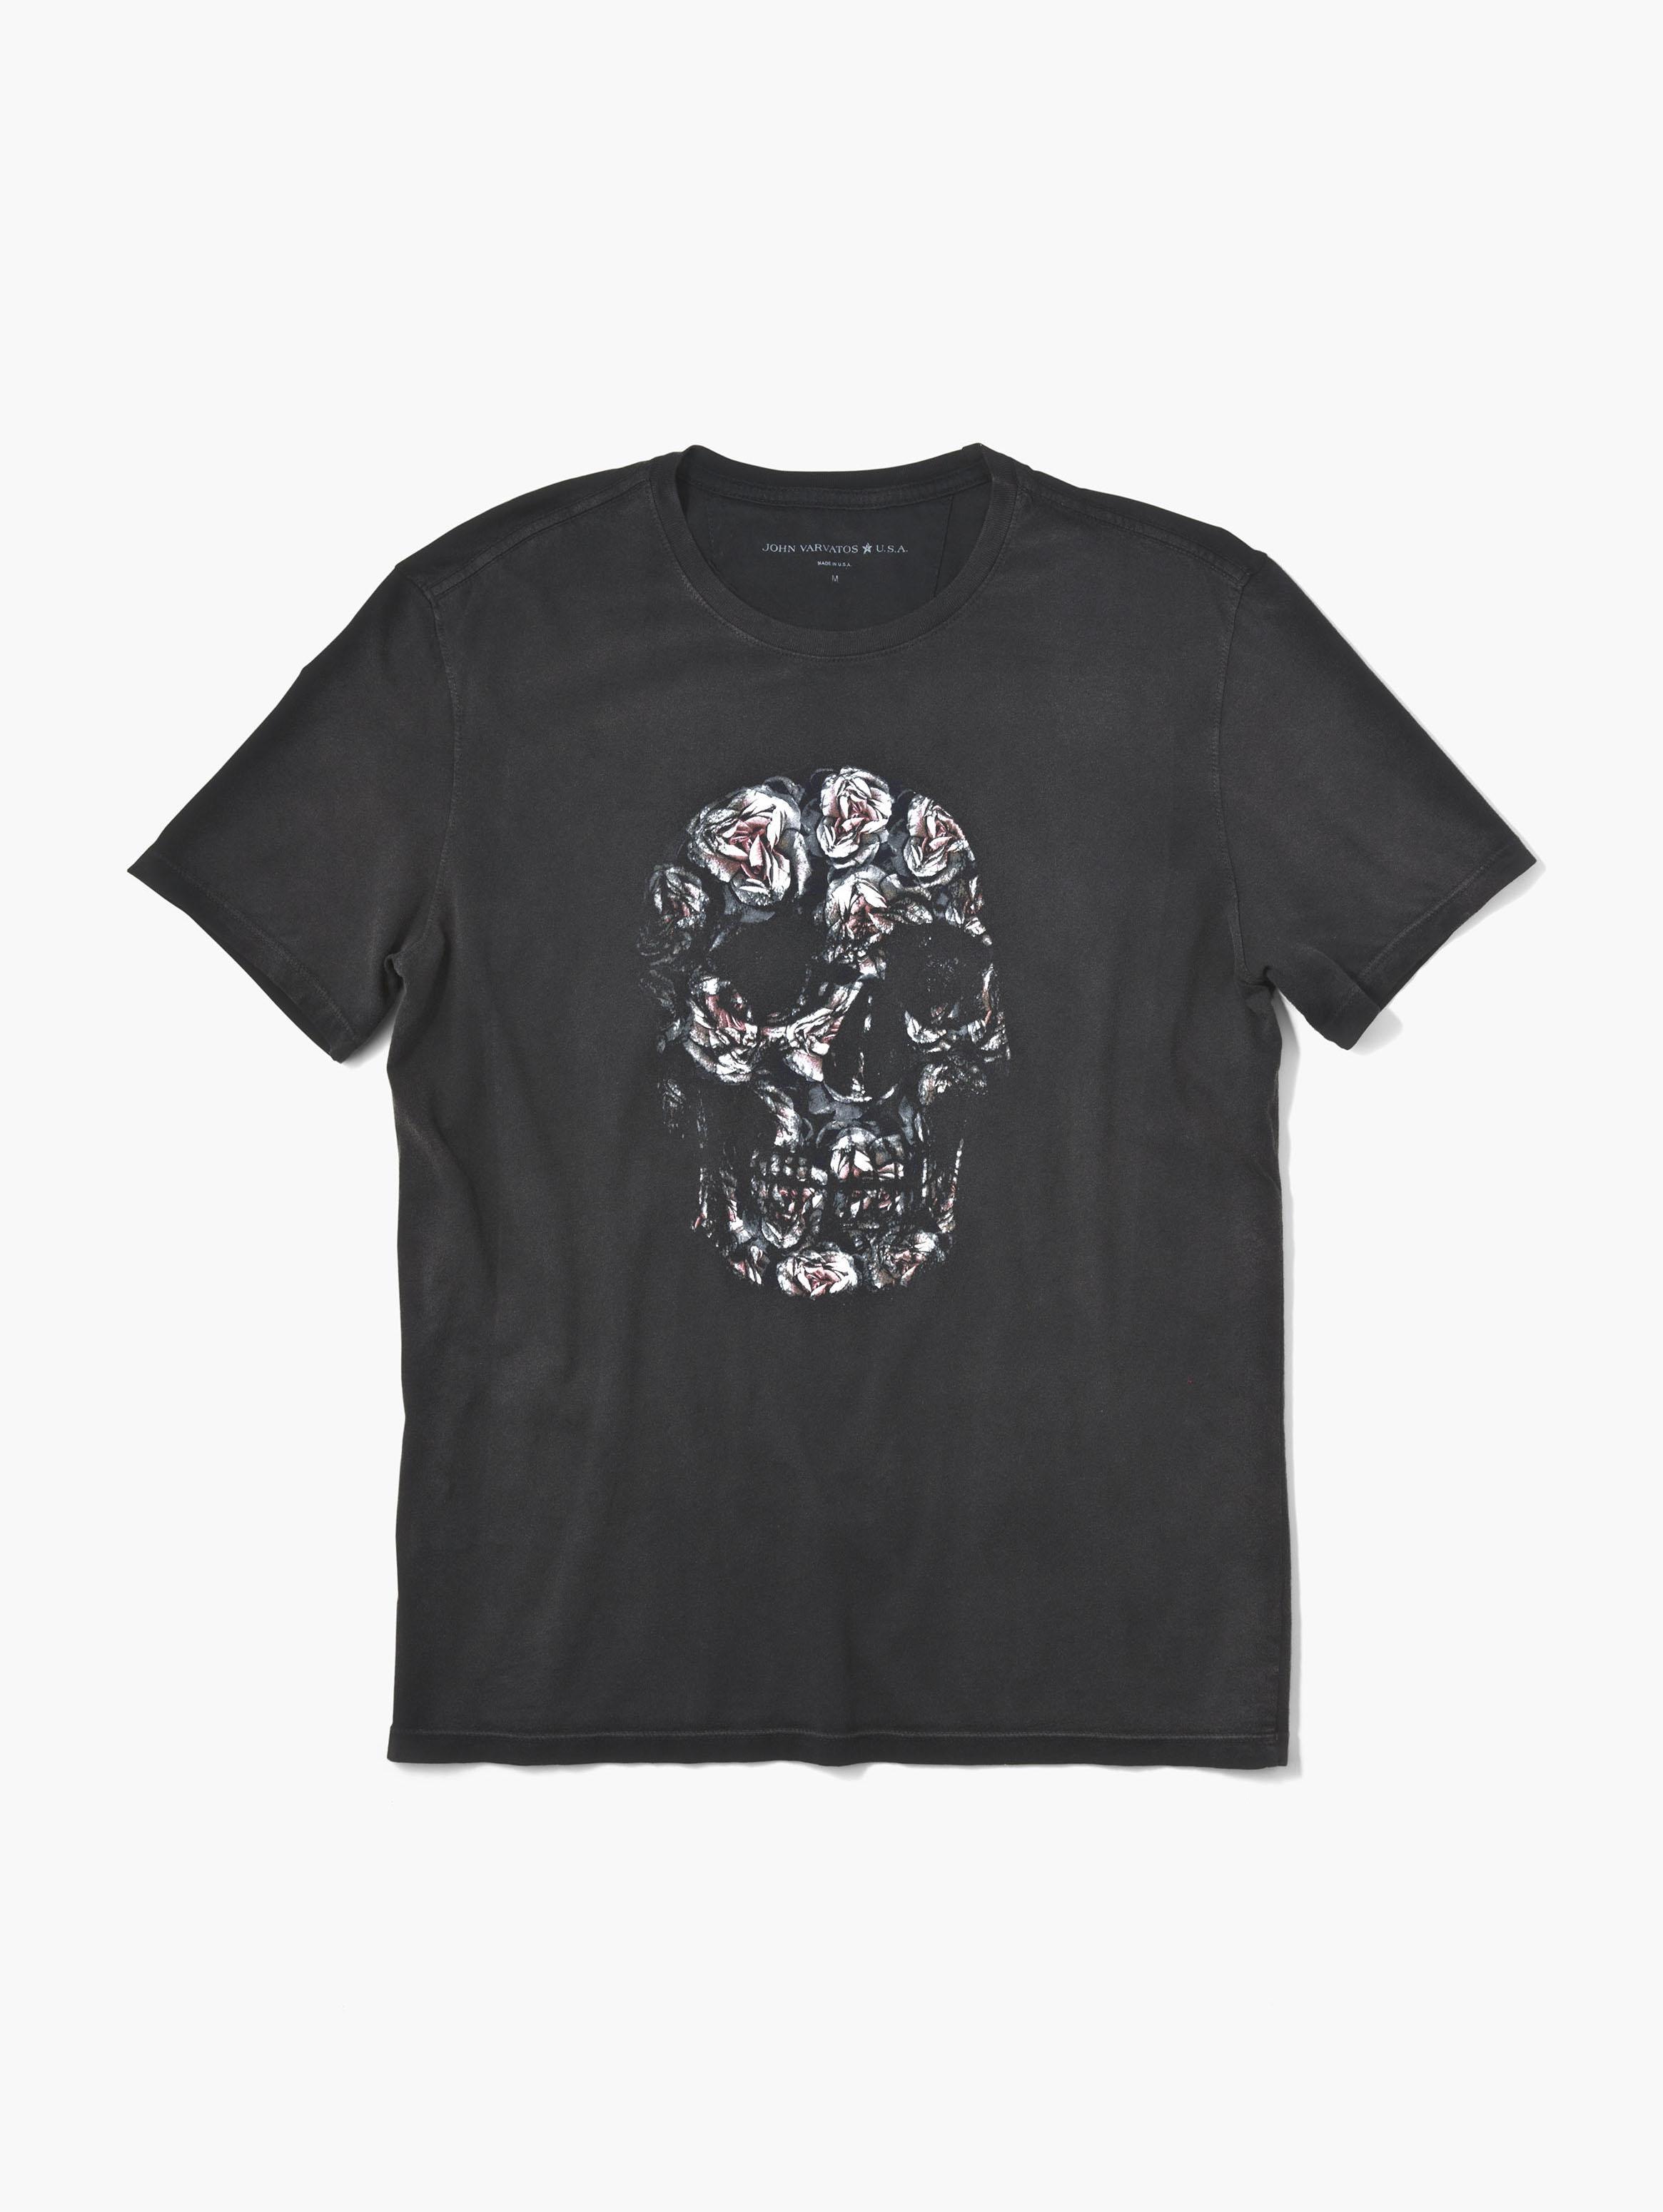 04d911028 Floral Skull Tee - John Varvatos